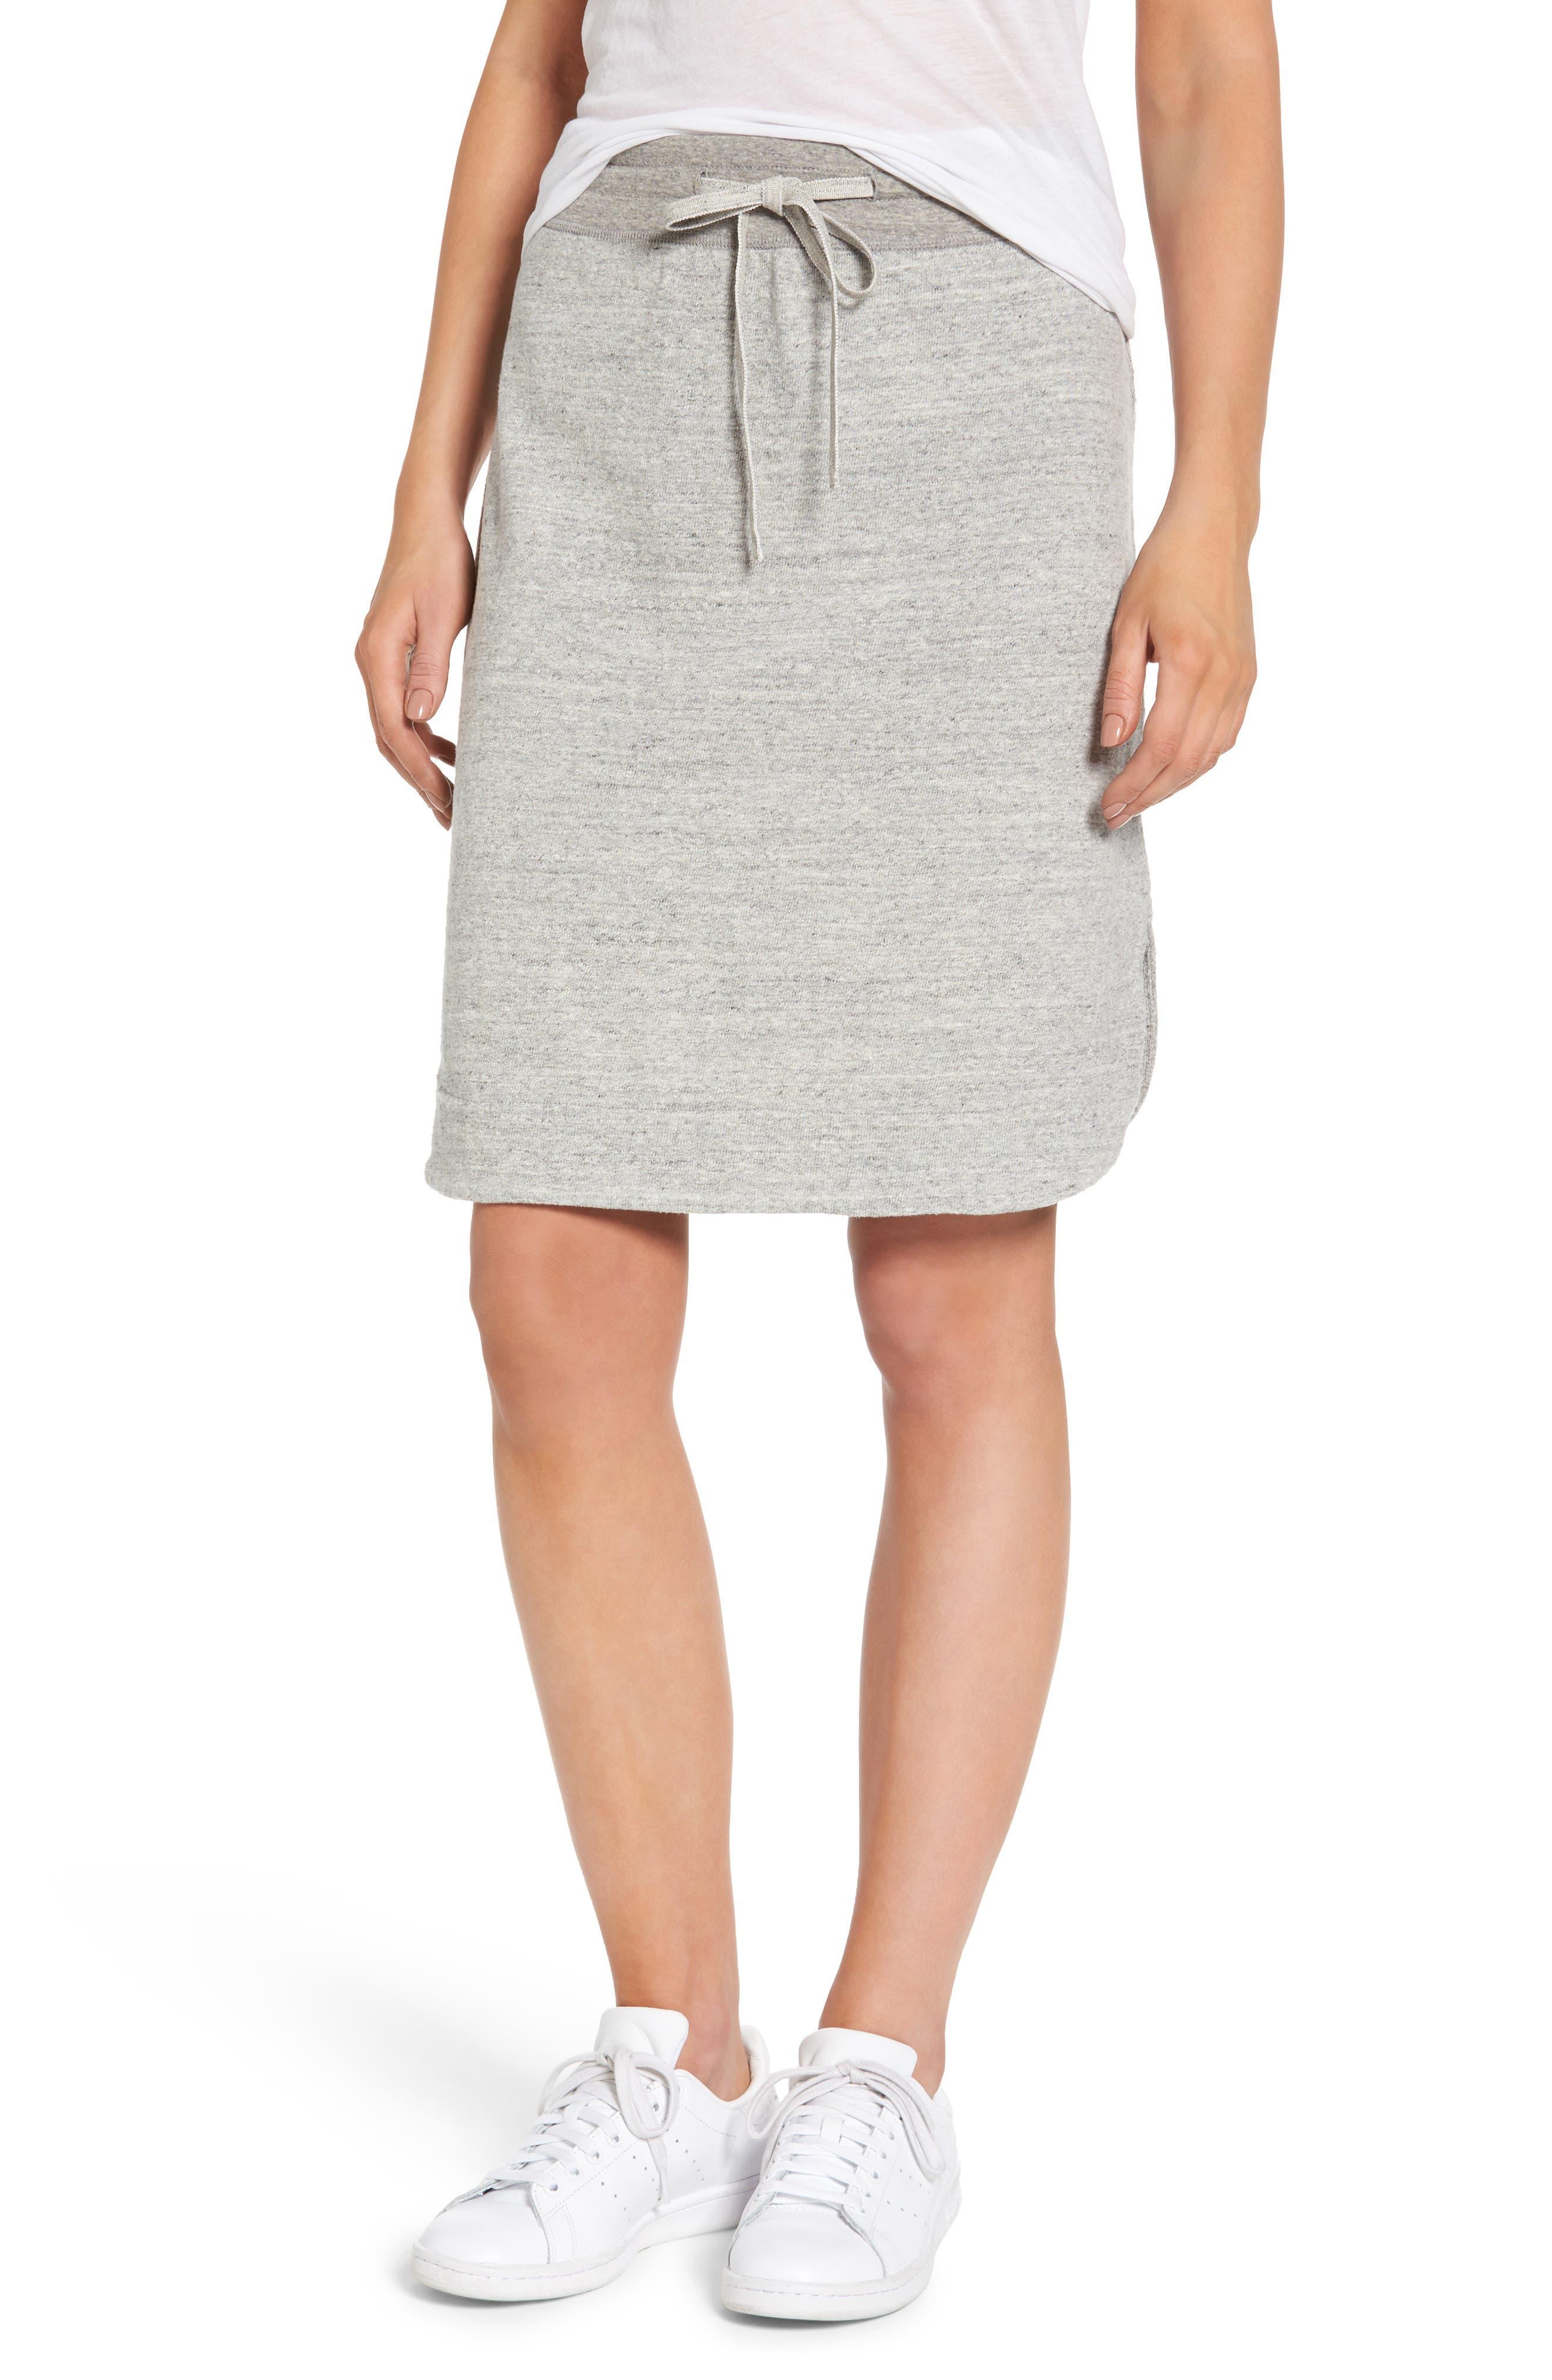 James Perse Fleece Skirt